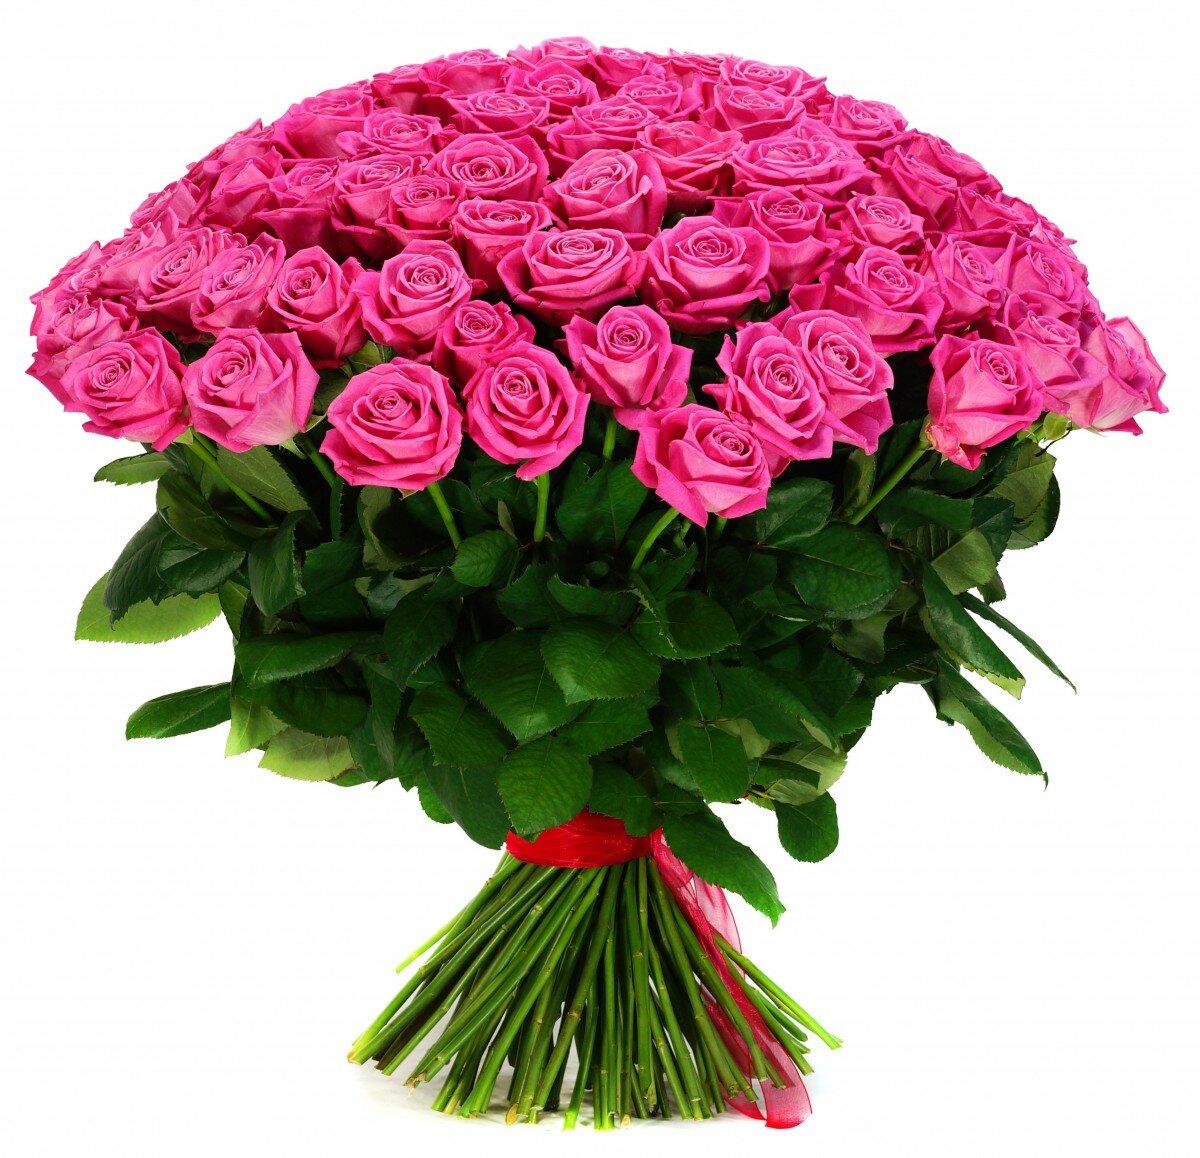 Цветы воронеже, букет роз это